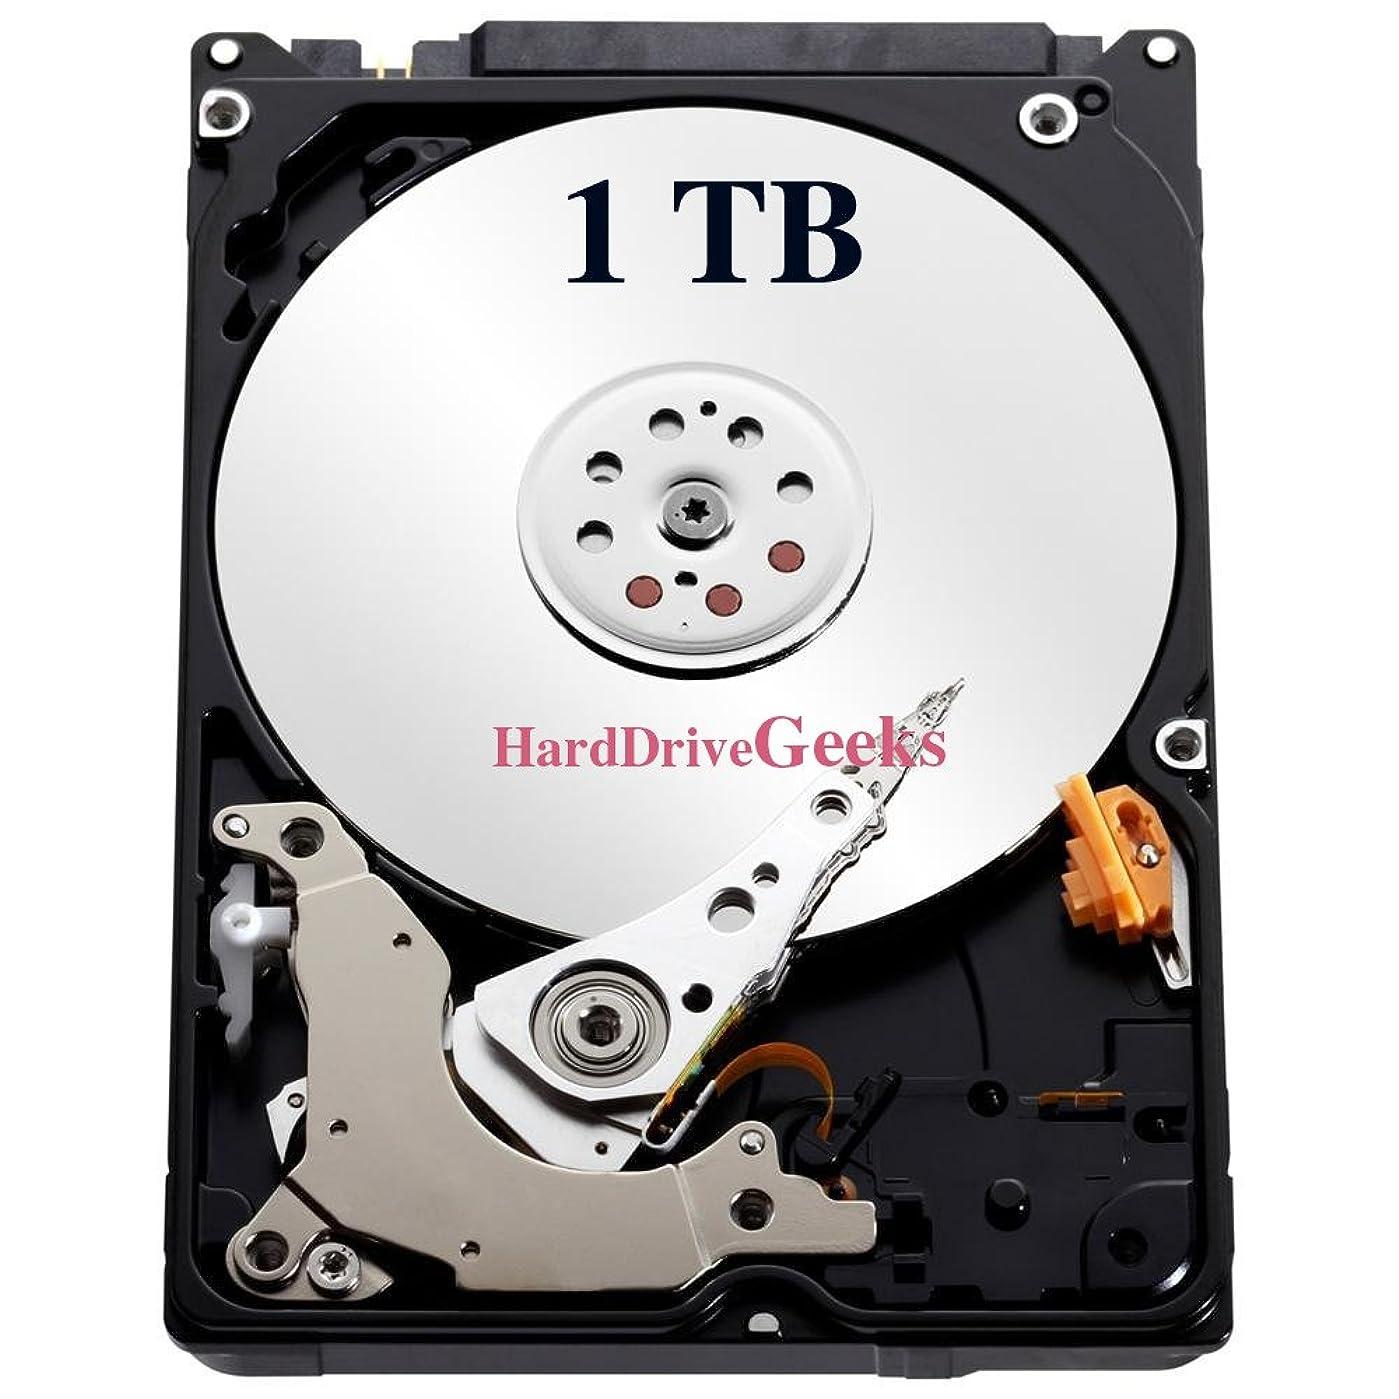 稼ぐ球体硬化する1TB 2.5インチハードドライブ HP Envy 4 Ultrabook 4-1050ca、4-1050br、4-1050la、4-1053tu、4-1053tx、4-1054tx、4-1060tx用